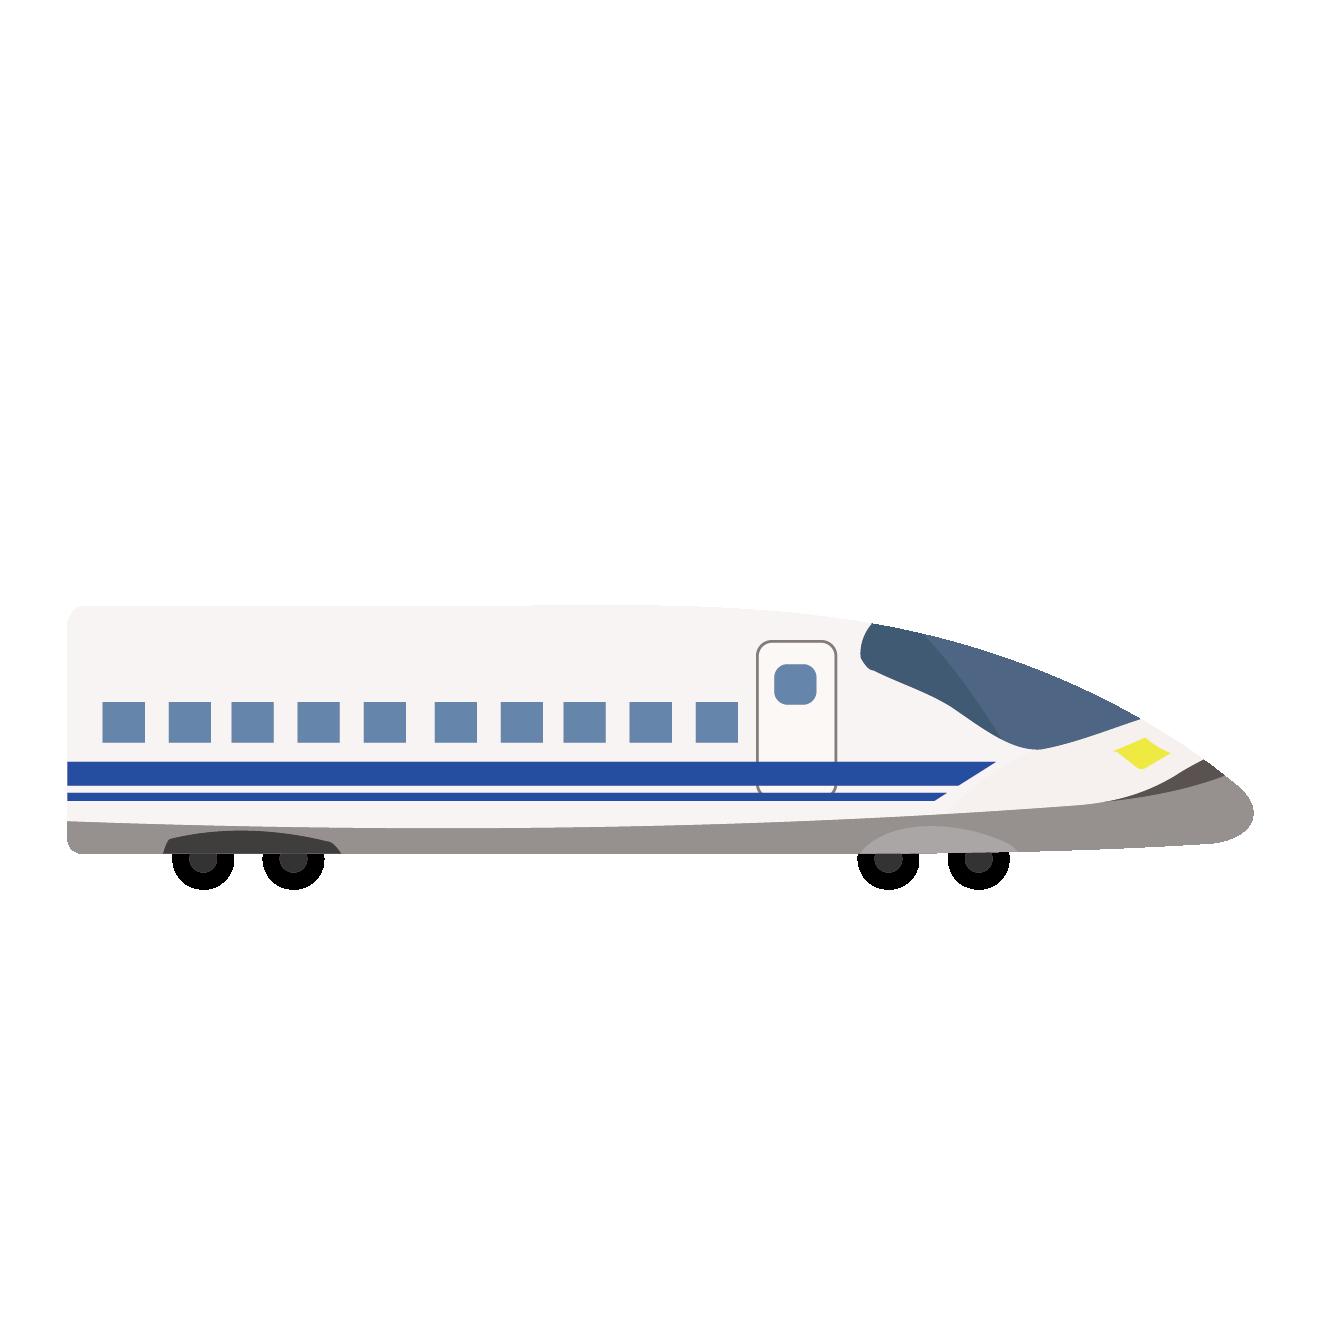 新幹線のイラスト【のりもの】